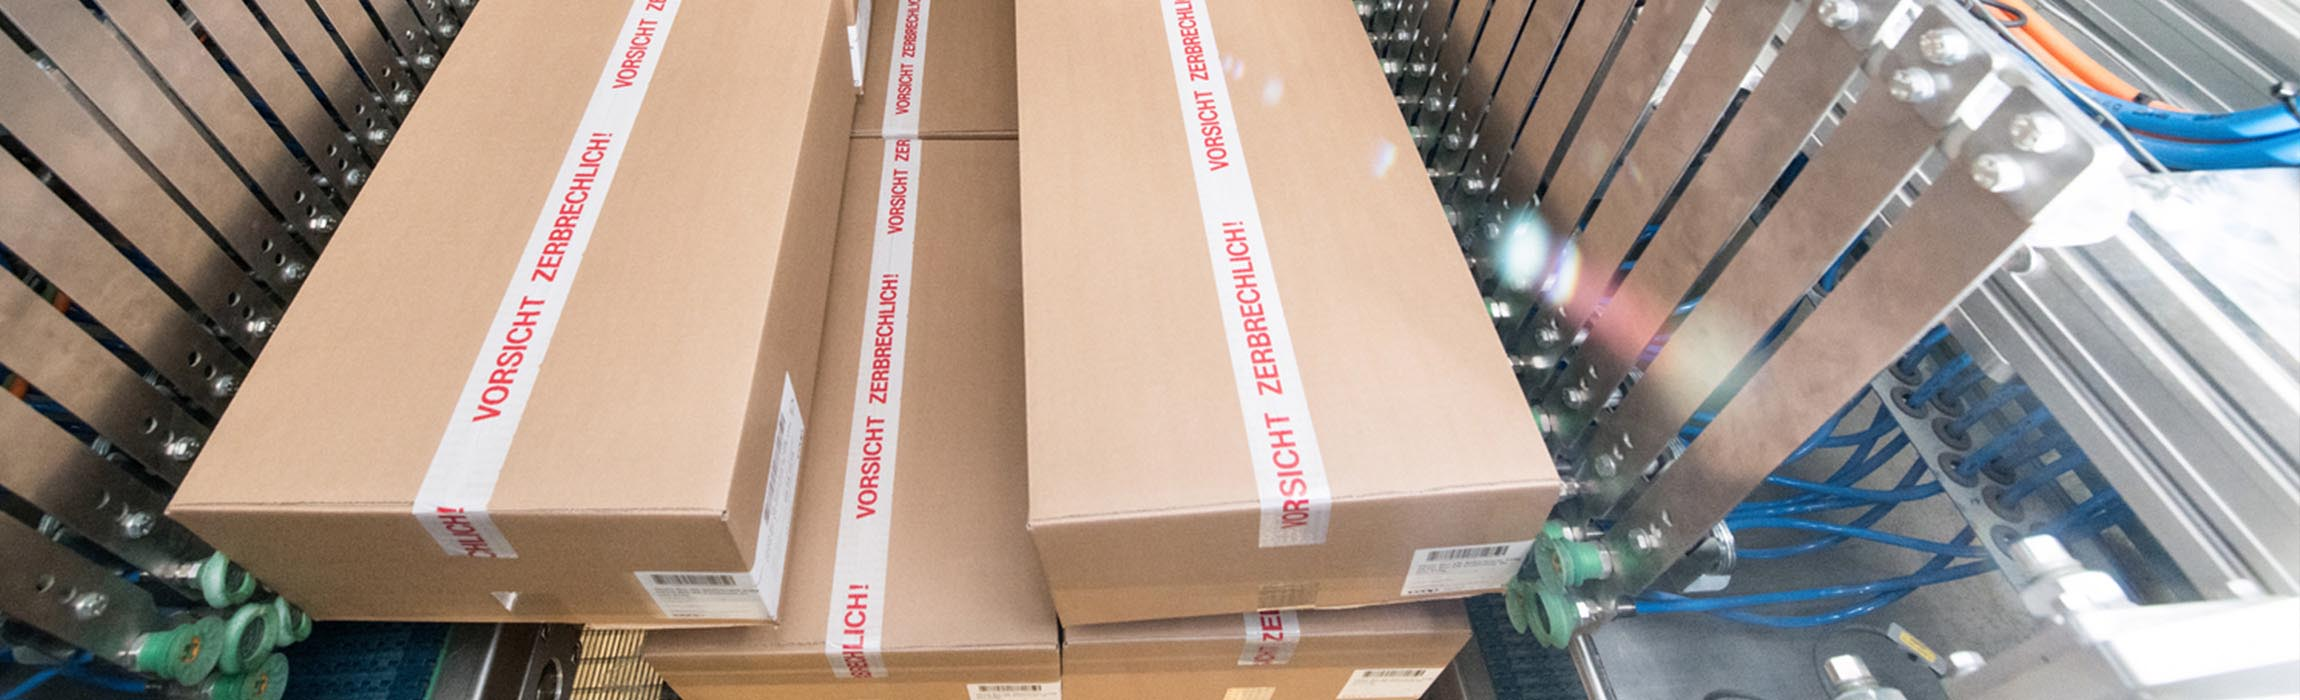 Systèmes de depalletisation: Destax est notre gamme de produits pour la dépalettisation partiellement ou entièrement automatique de grandes unités d'emballage.